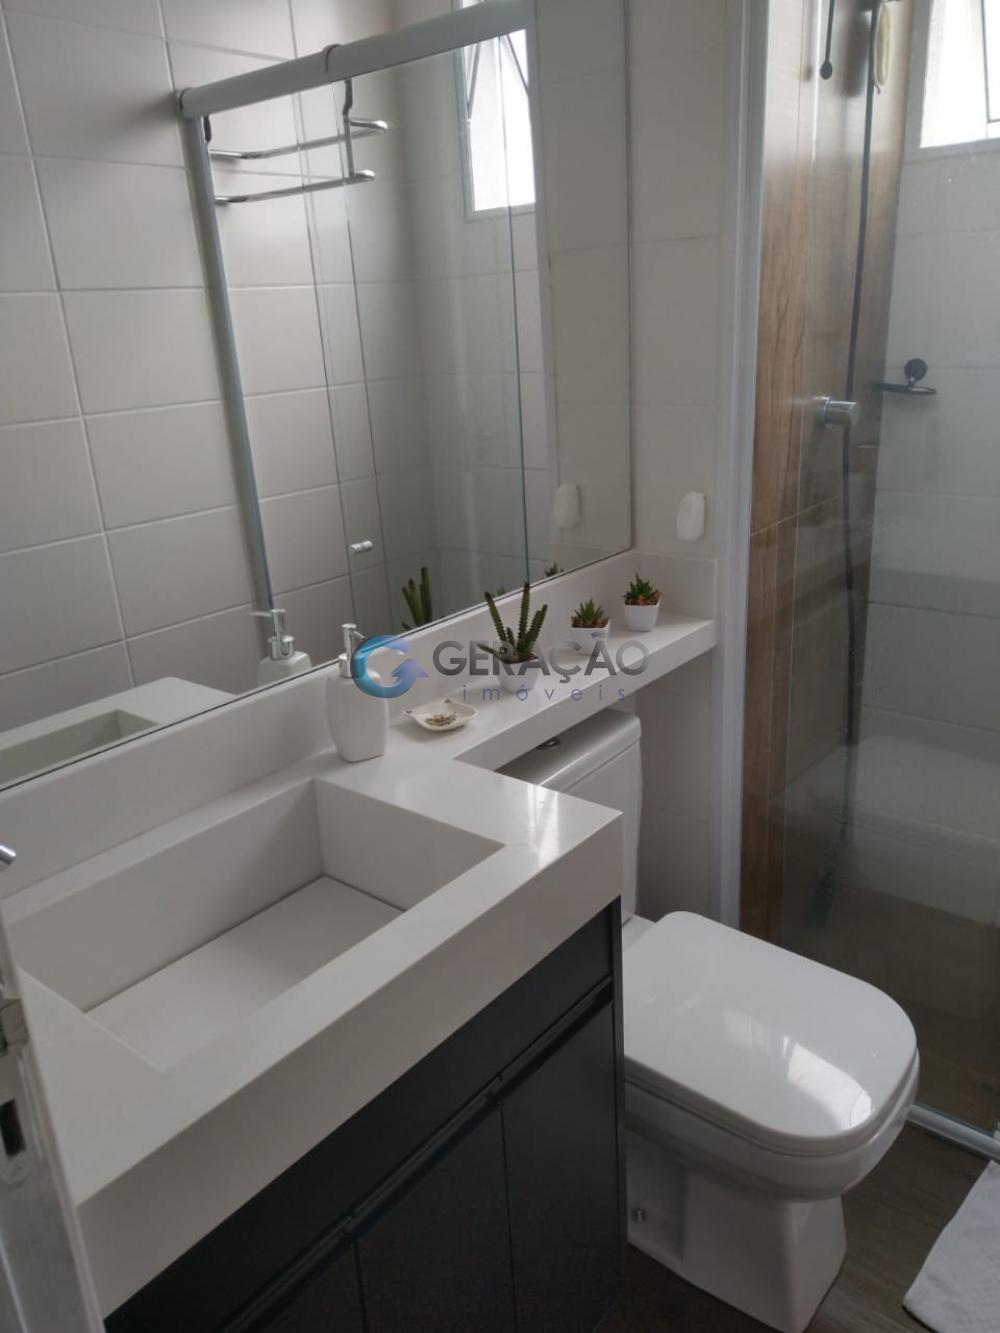 Comprar Apartamento / Padrão em São José dos Campos apenas R$ 293.000,00 - Foto 11